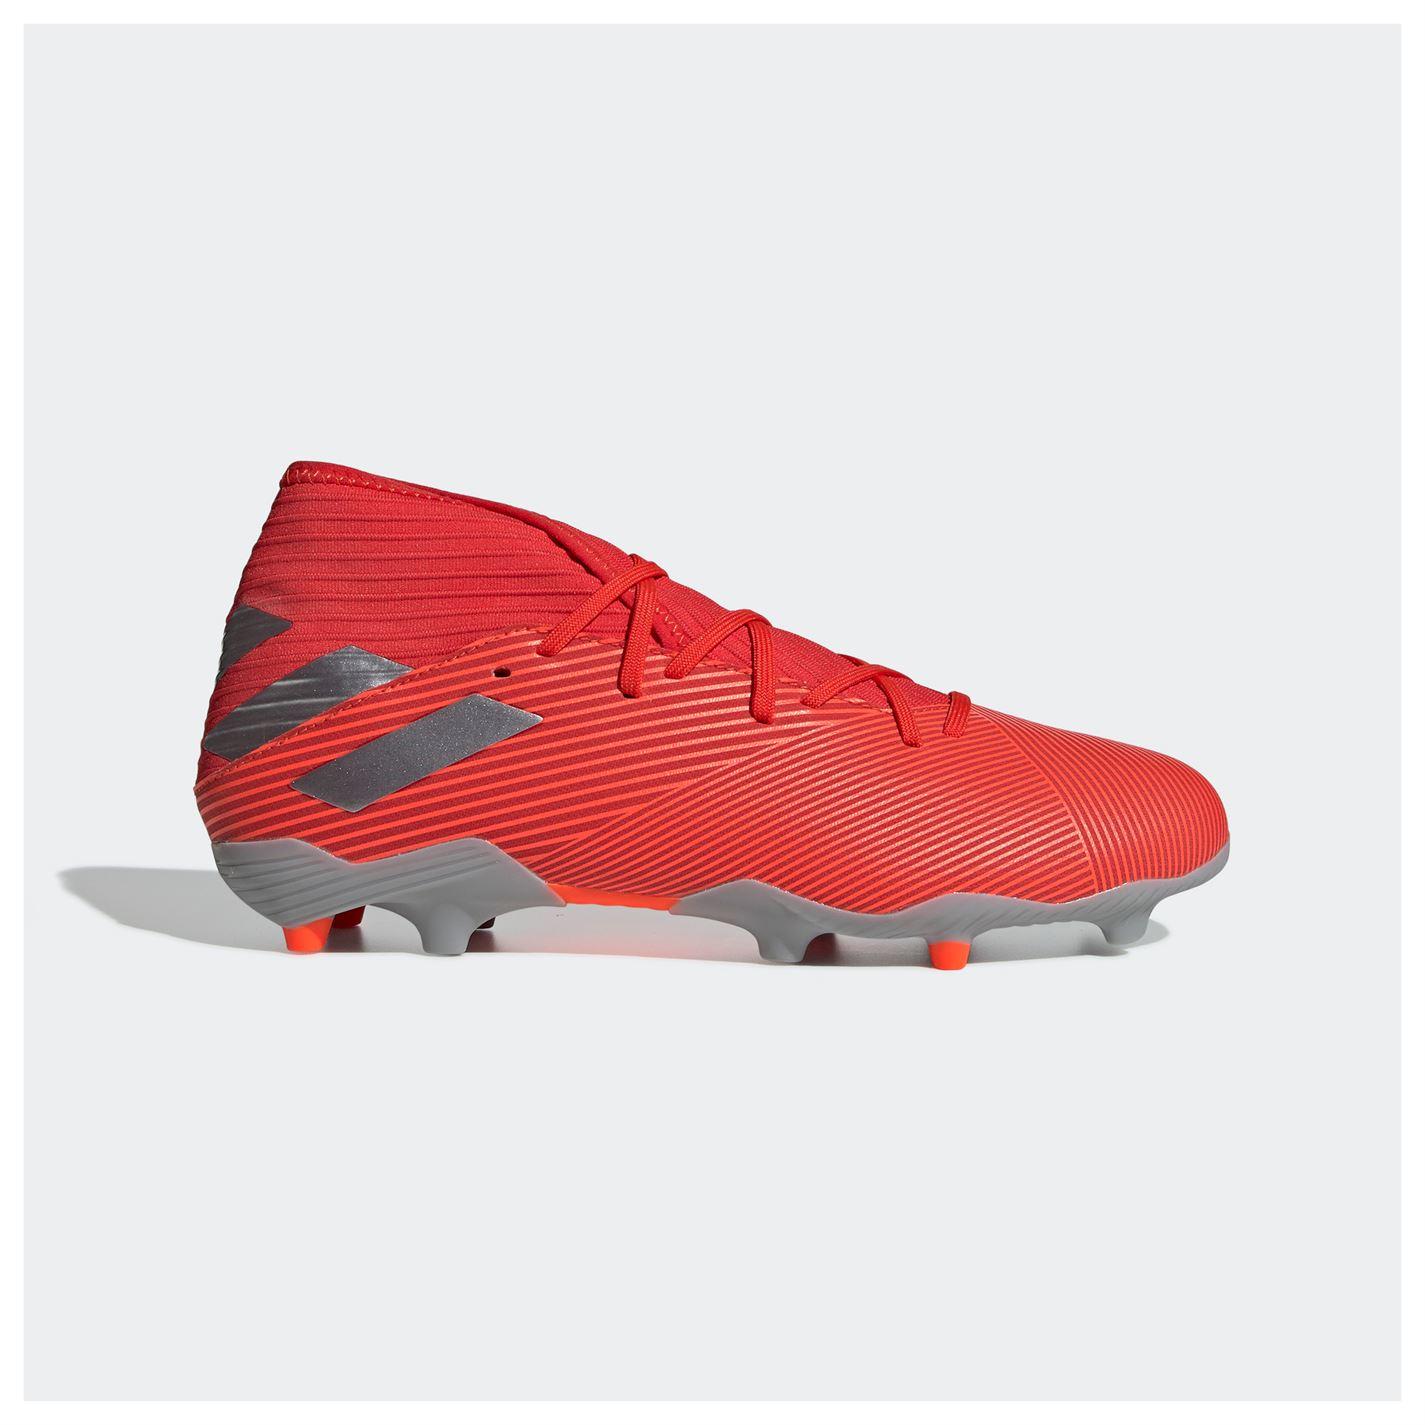 Adidas Nemeziz 19.3 Mens FG Football Boots